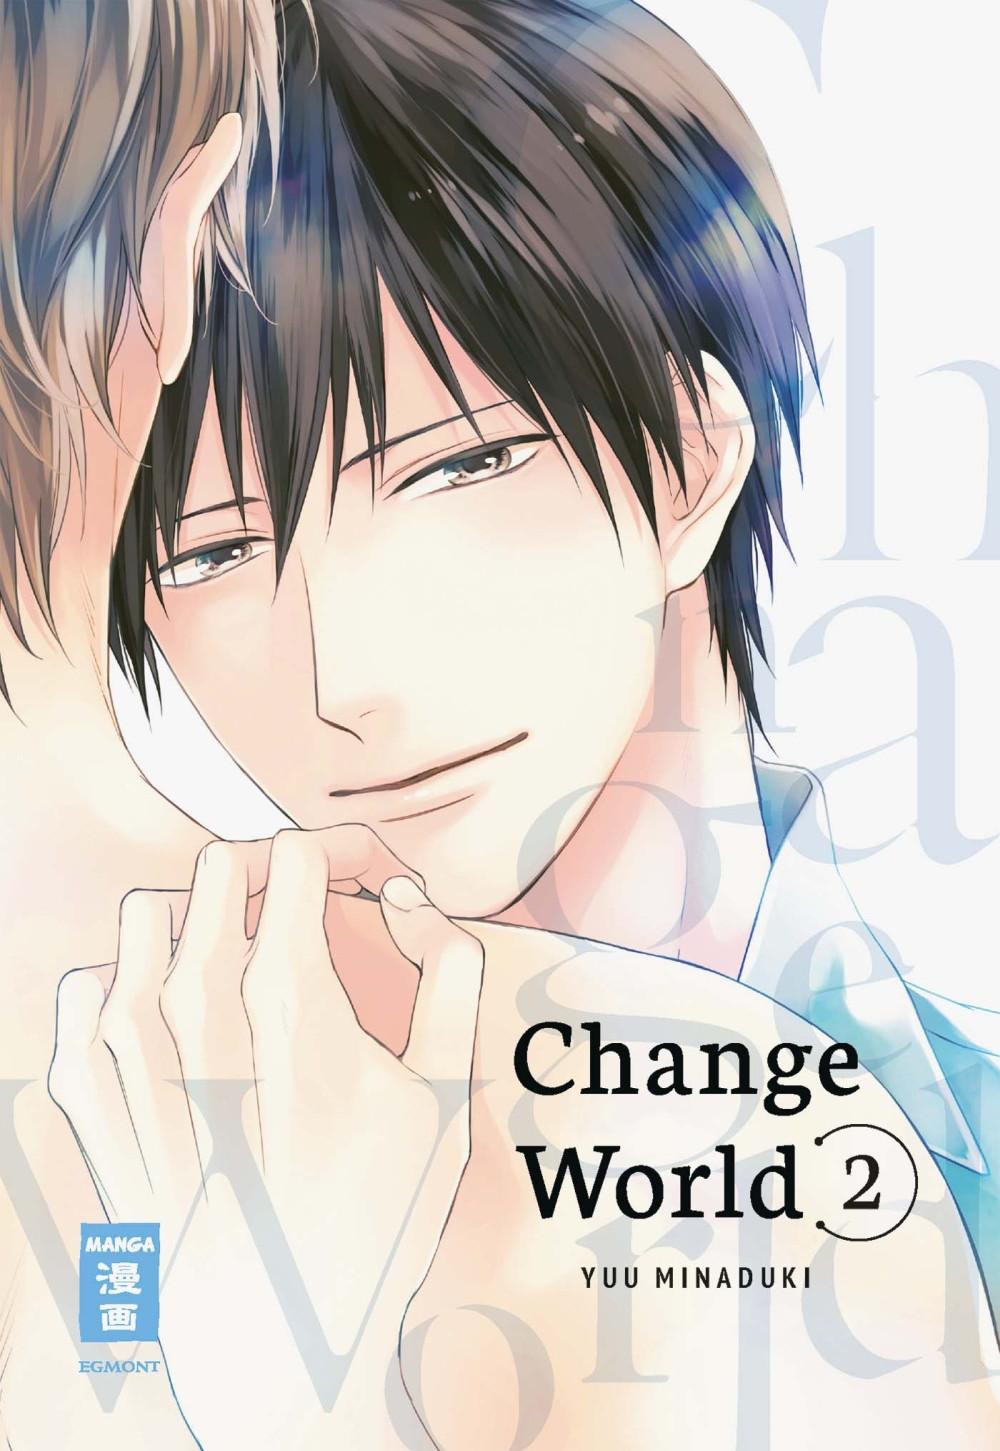 Change World 2 Manga